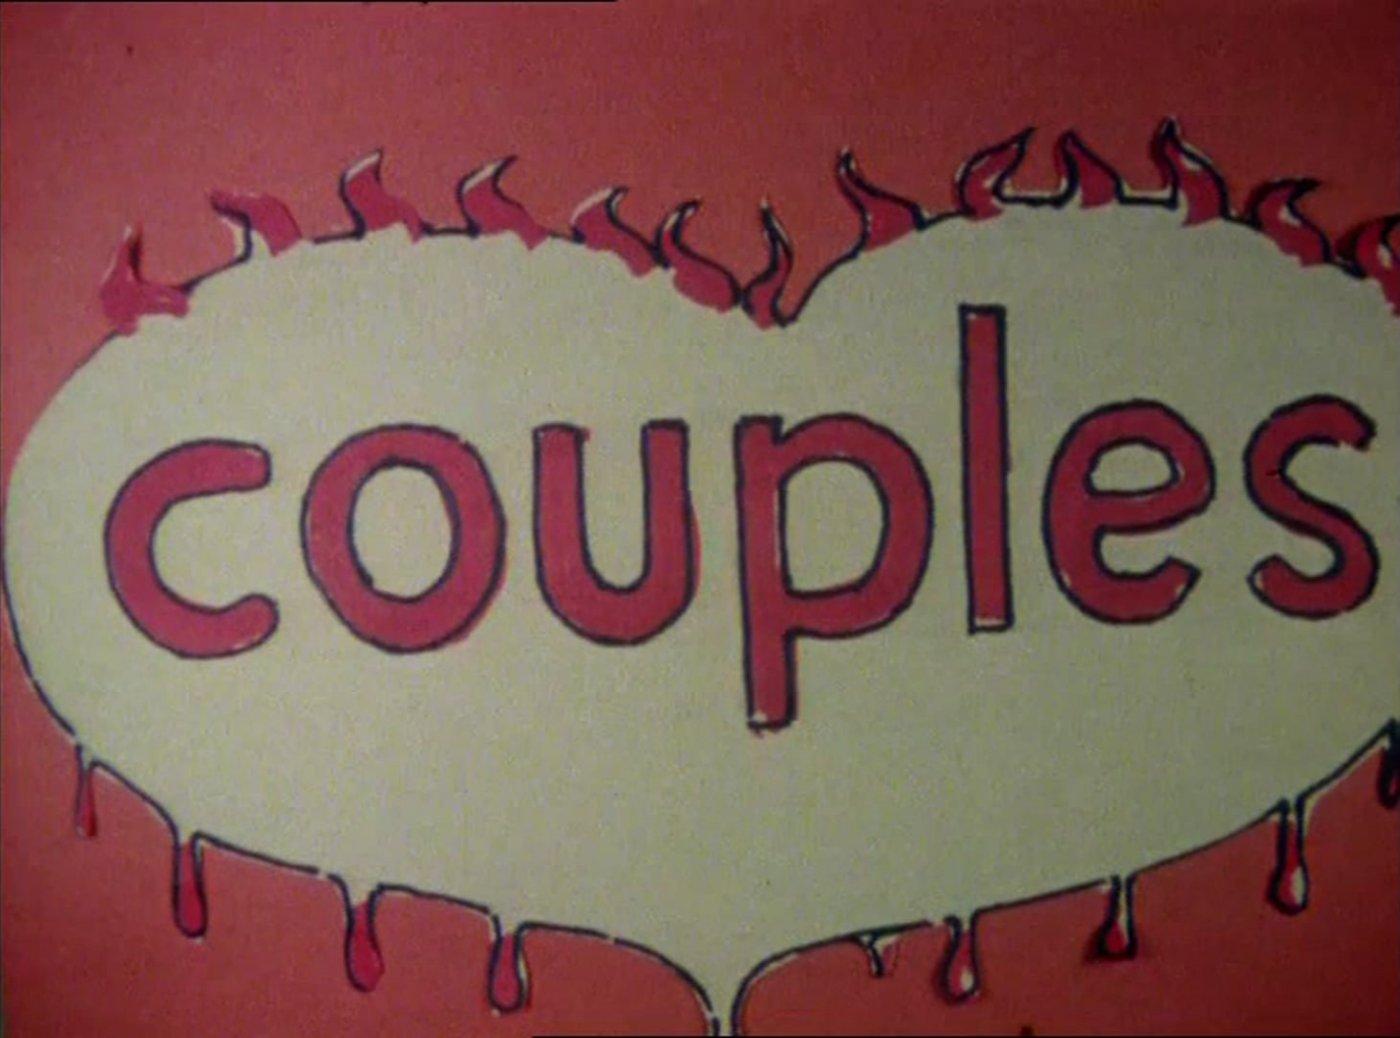 couples-1972-lassnig-recensione